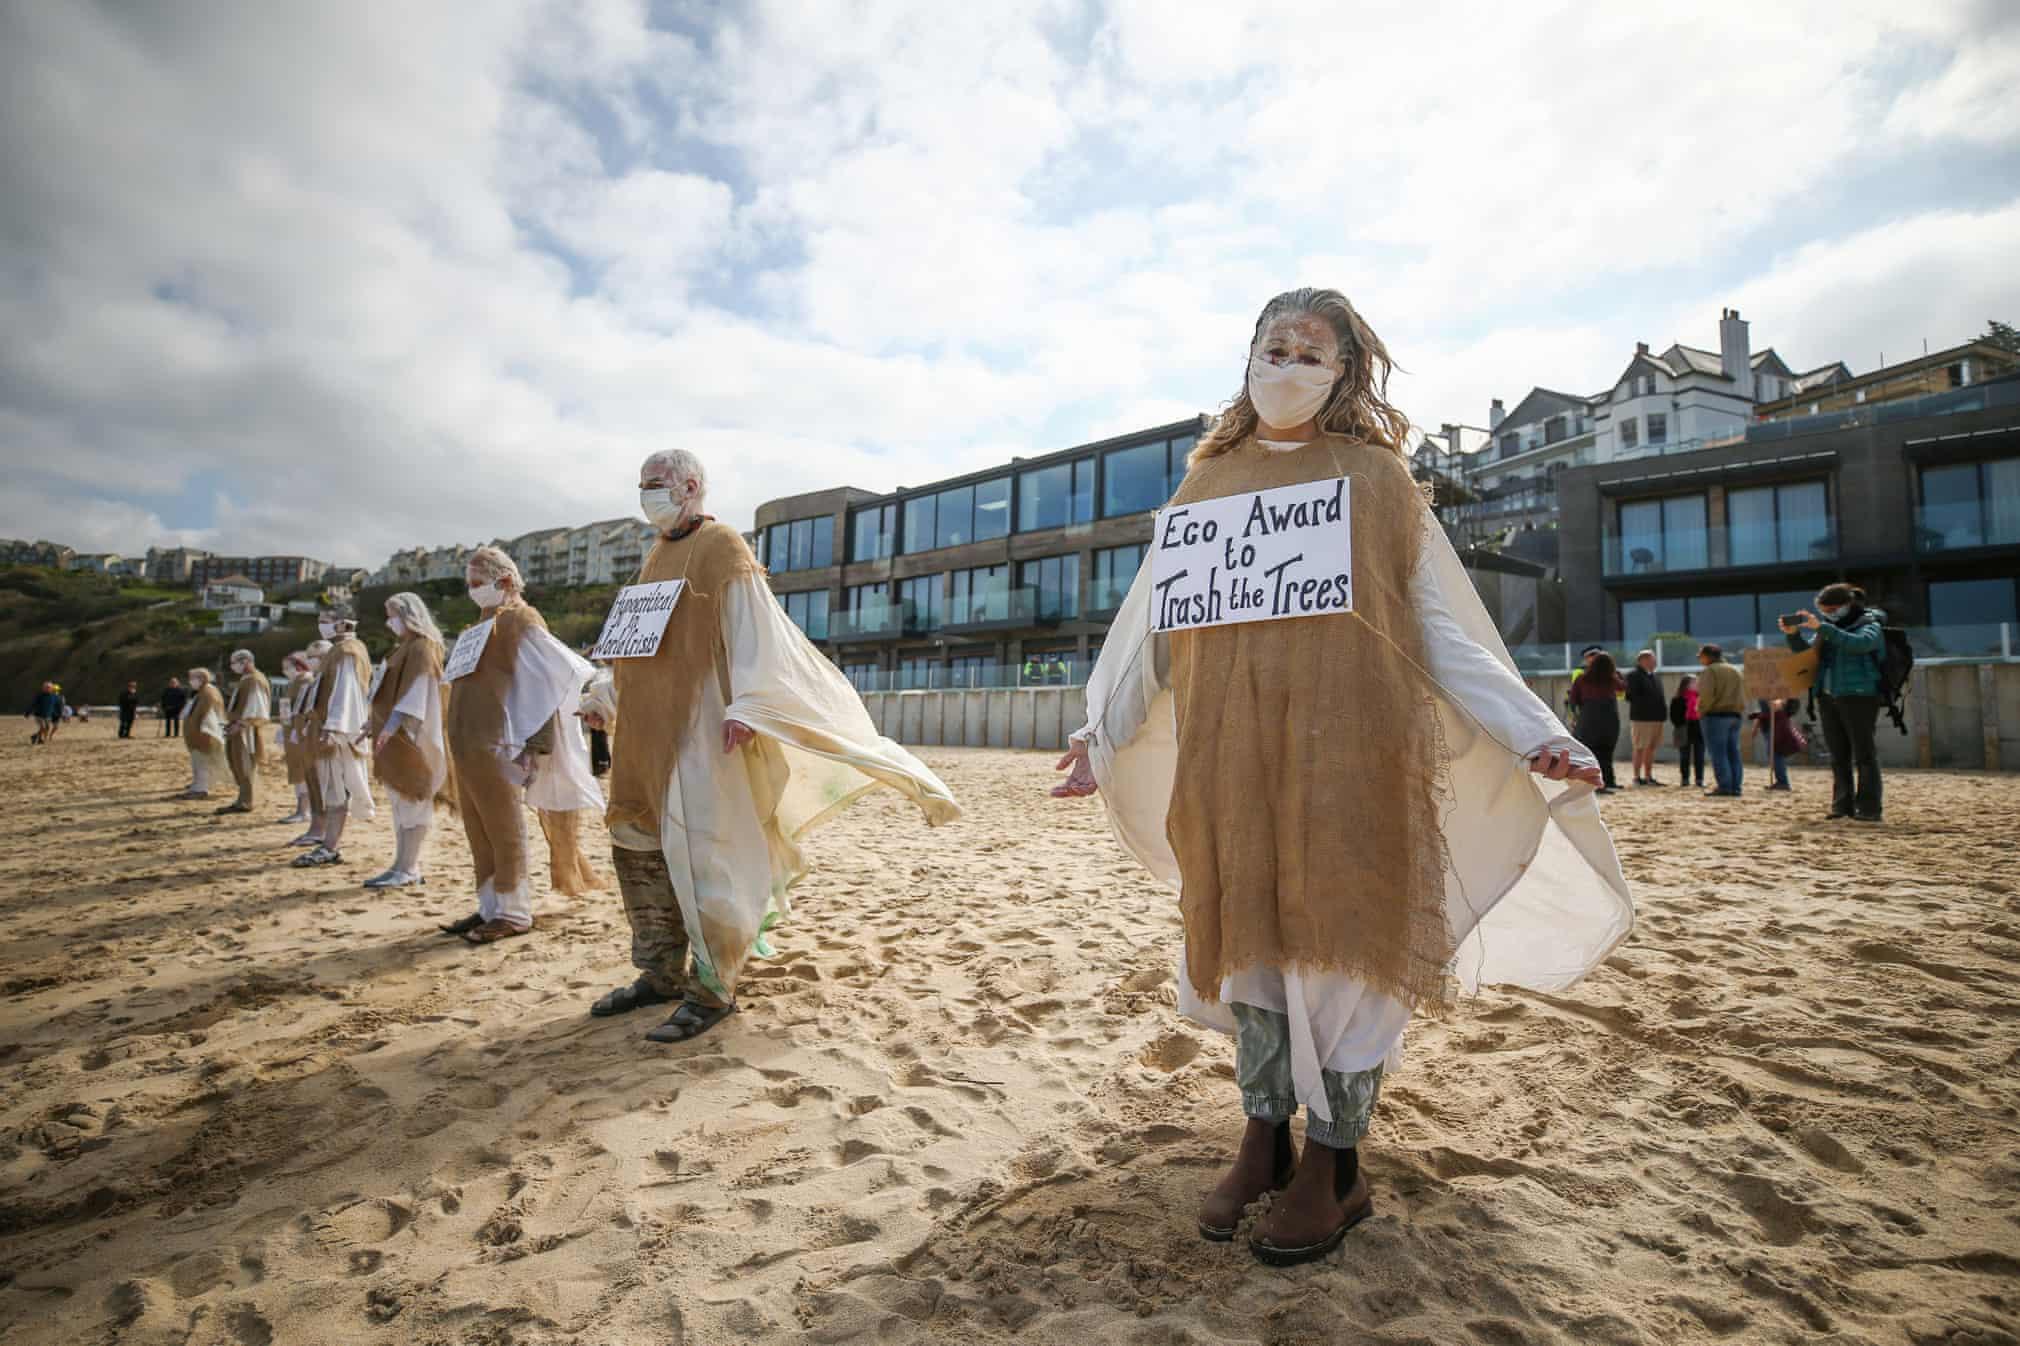 پوشش متفاوت معترضین به تخریب محیط زیست در انگلستان + عکس